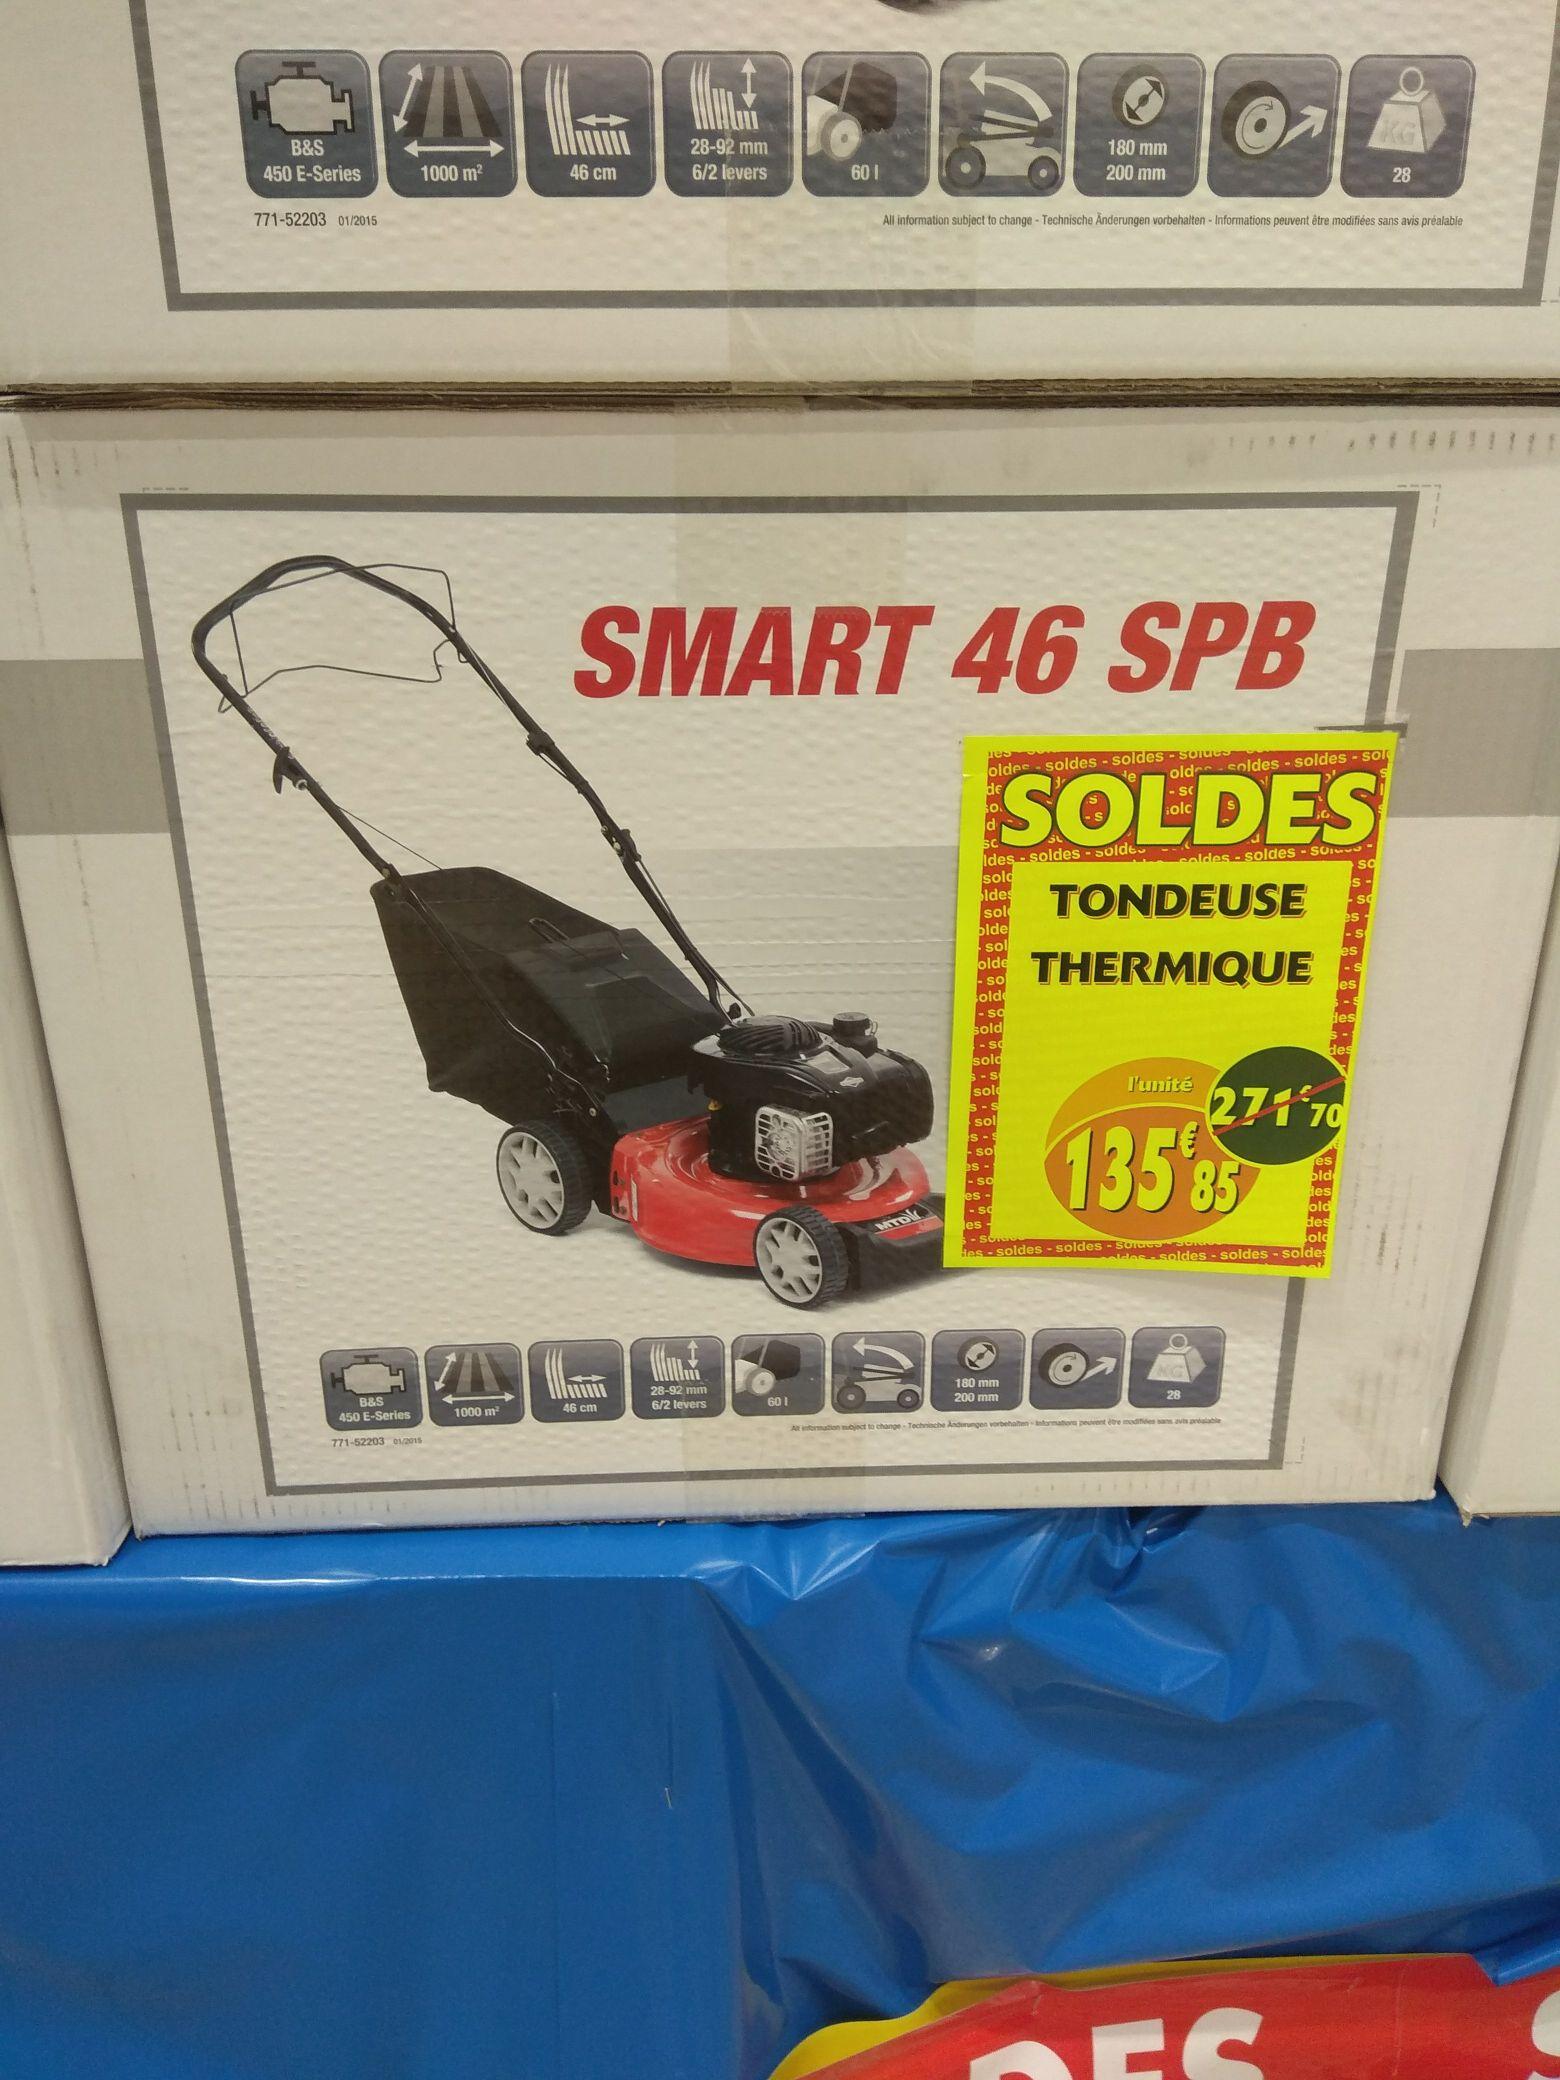 tondeuse gazon thermique smart 46 spb bonneuil sur marne 94. Black Bedroom Furniture Sets. Home Design Ideas